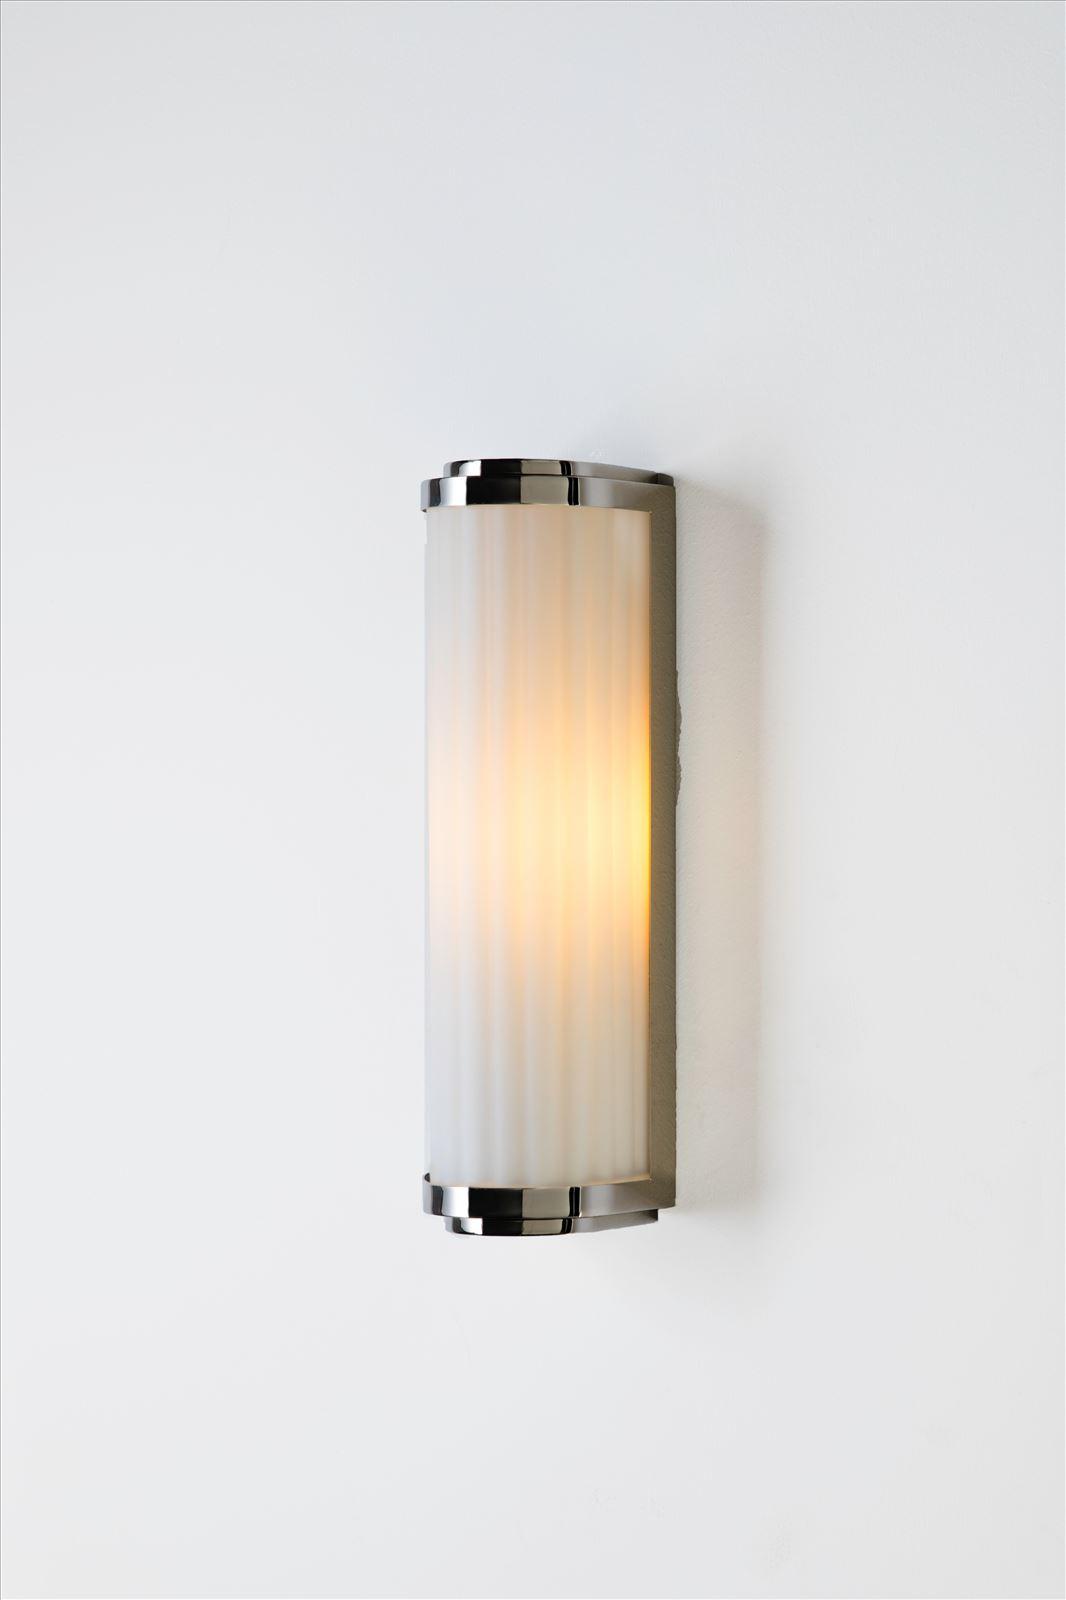 גופי תאורה מקטגוריית: מנורות קיר  ,שם המוצר: Tubino Opal